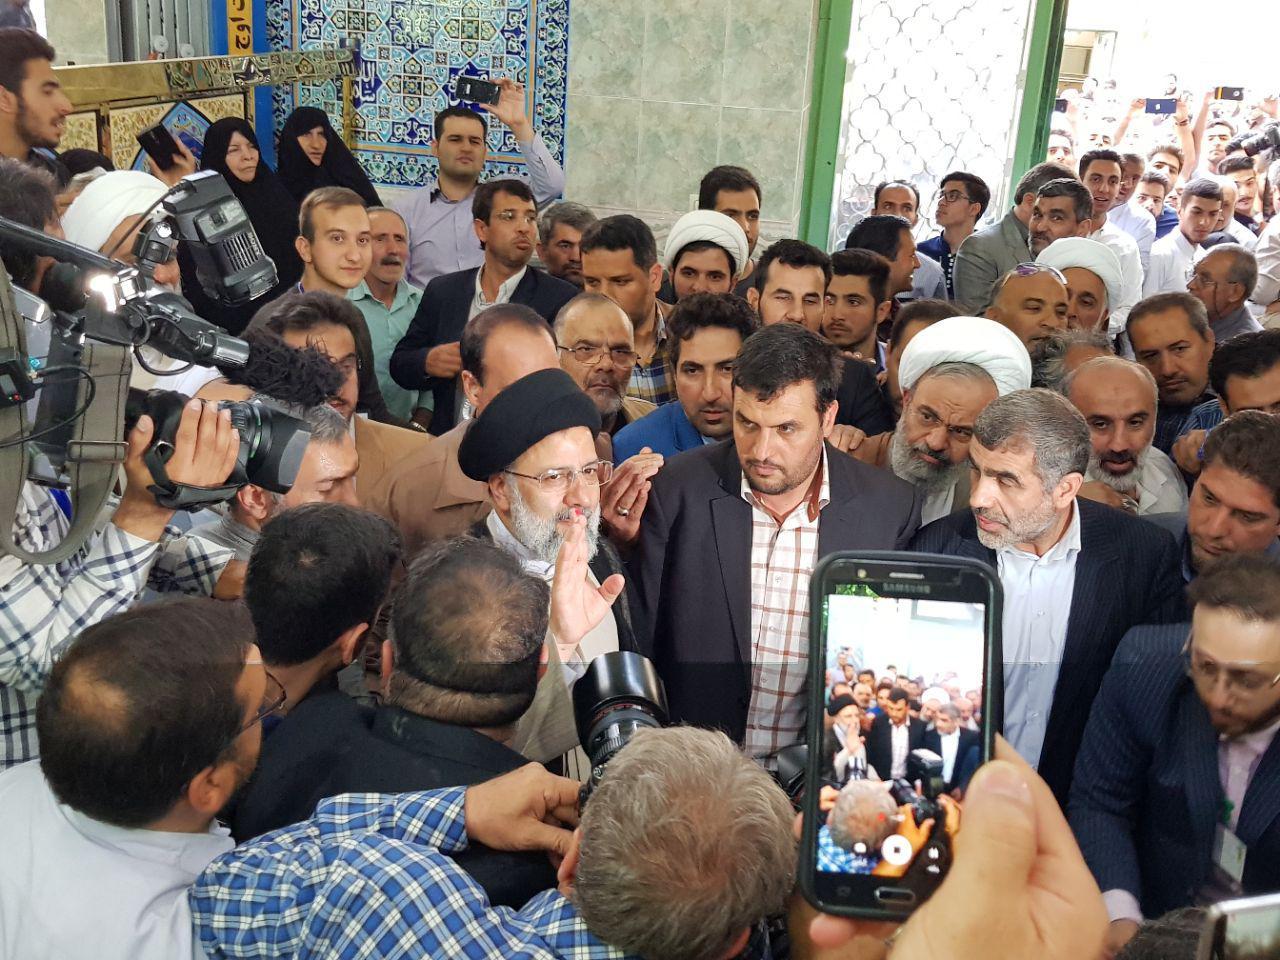 حضور حجه الاسلام دکتر رئیسی در پای صندوق رای